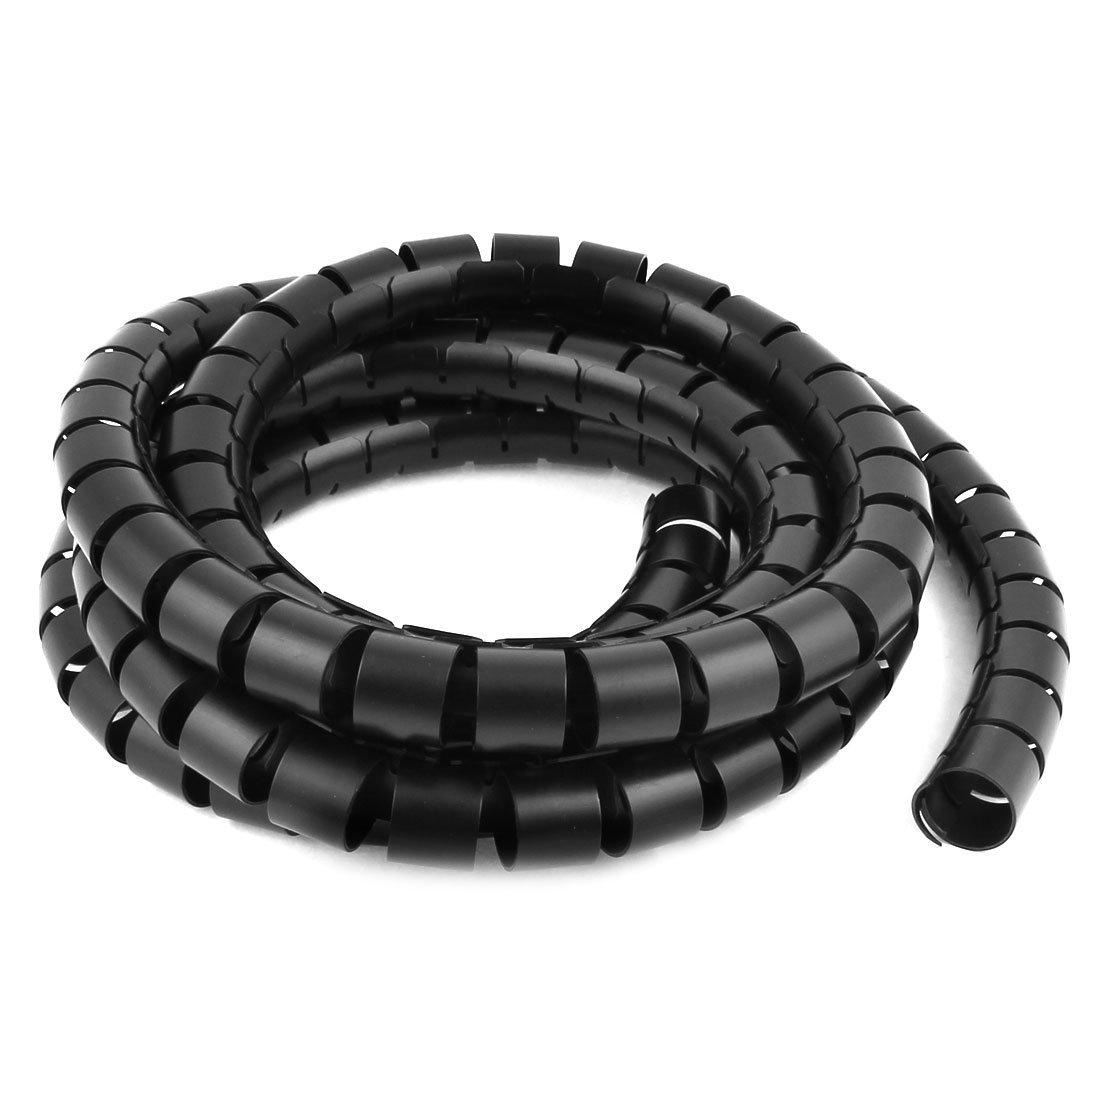 Spiralschlauch Kabel Draht Verpackung Computer Kabelmanagement ...